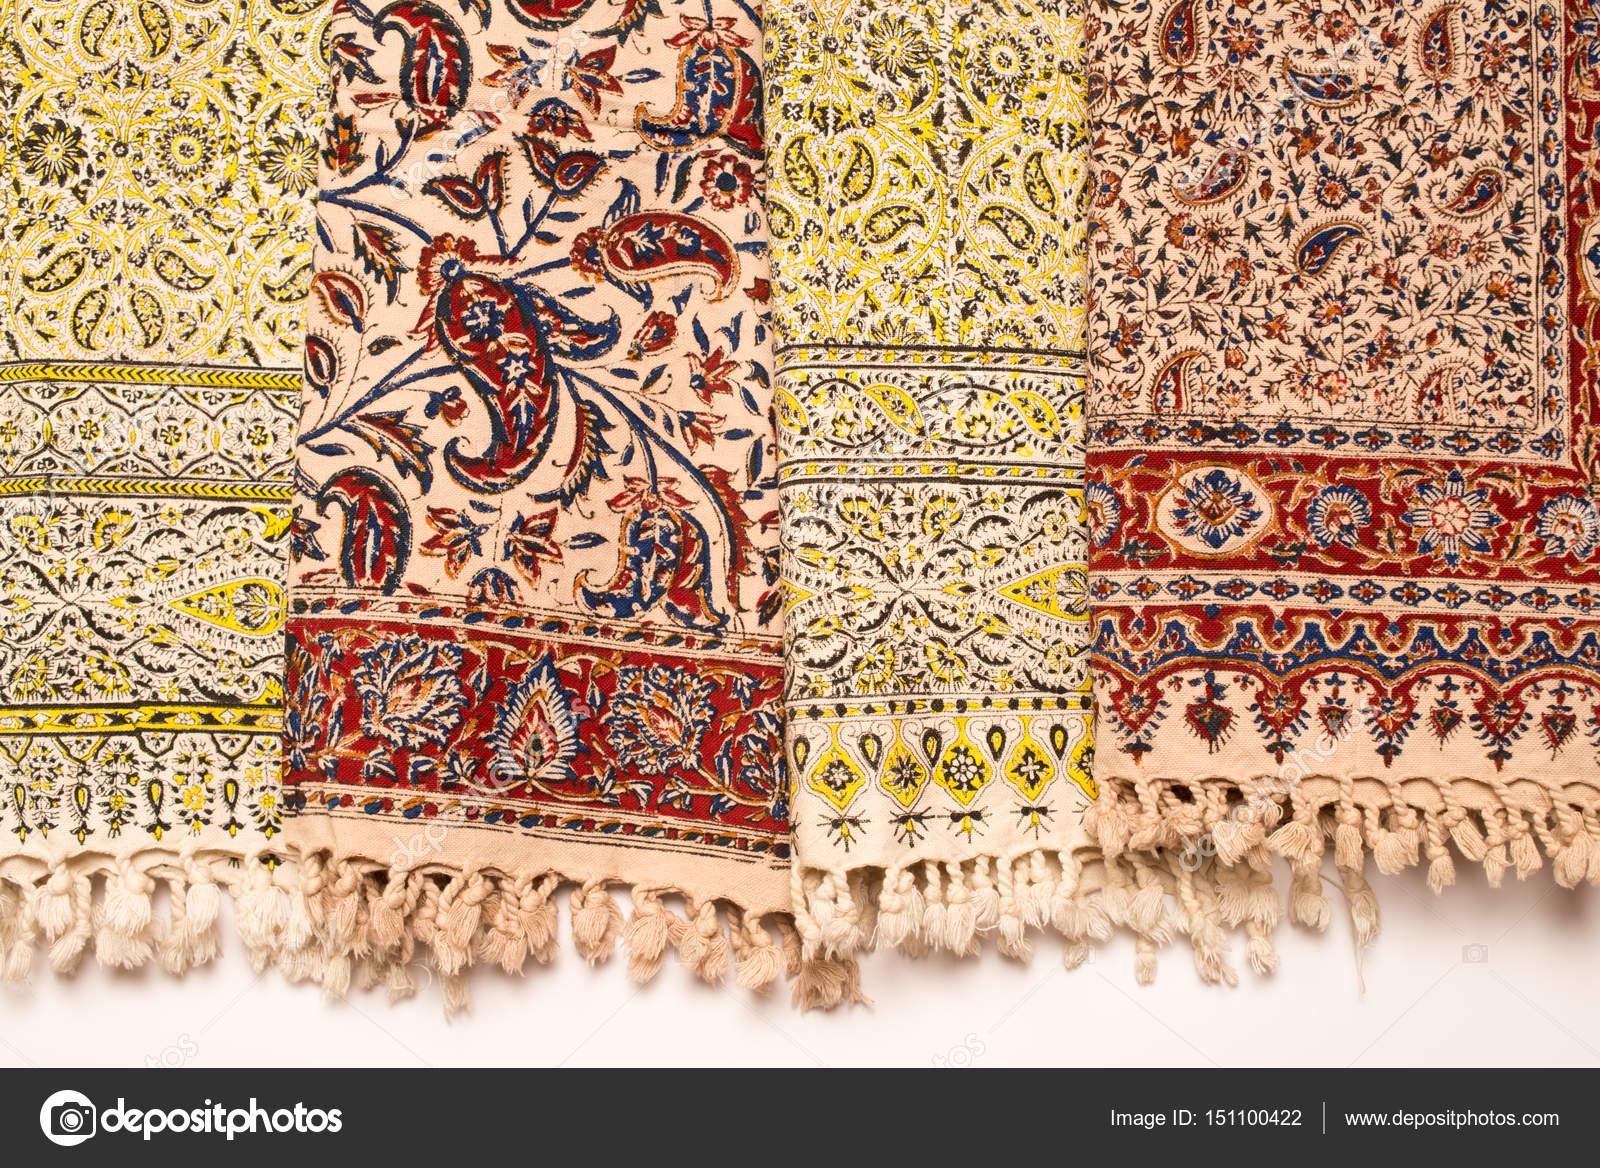 Iranische Teppiche und Läufer — Stockfoto © homydesign #151100422